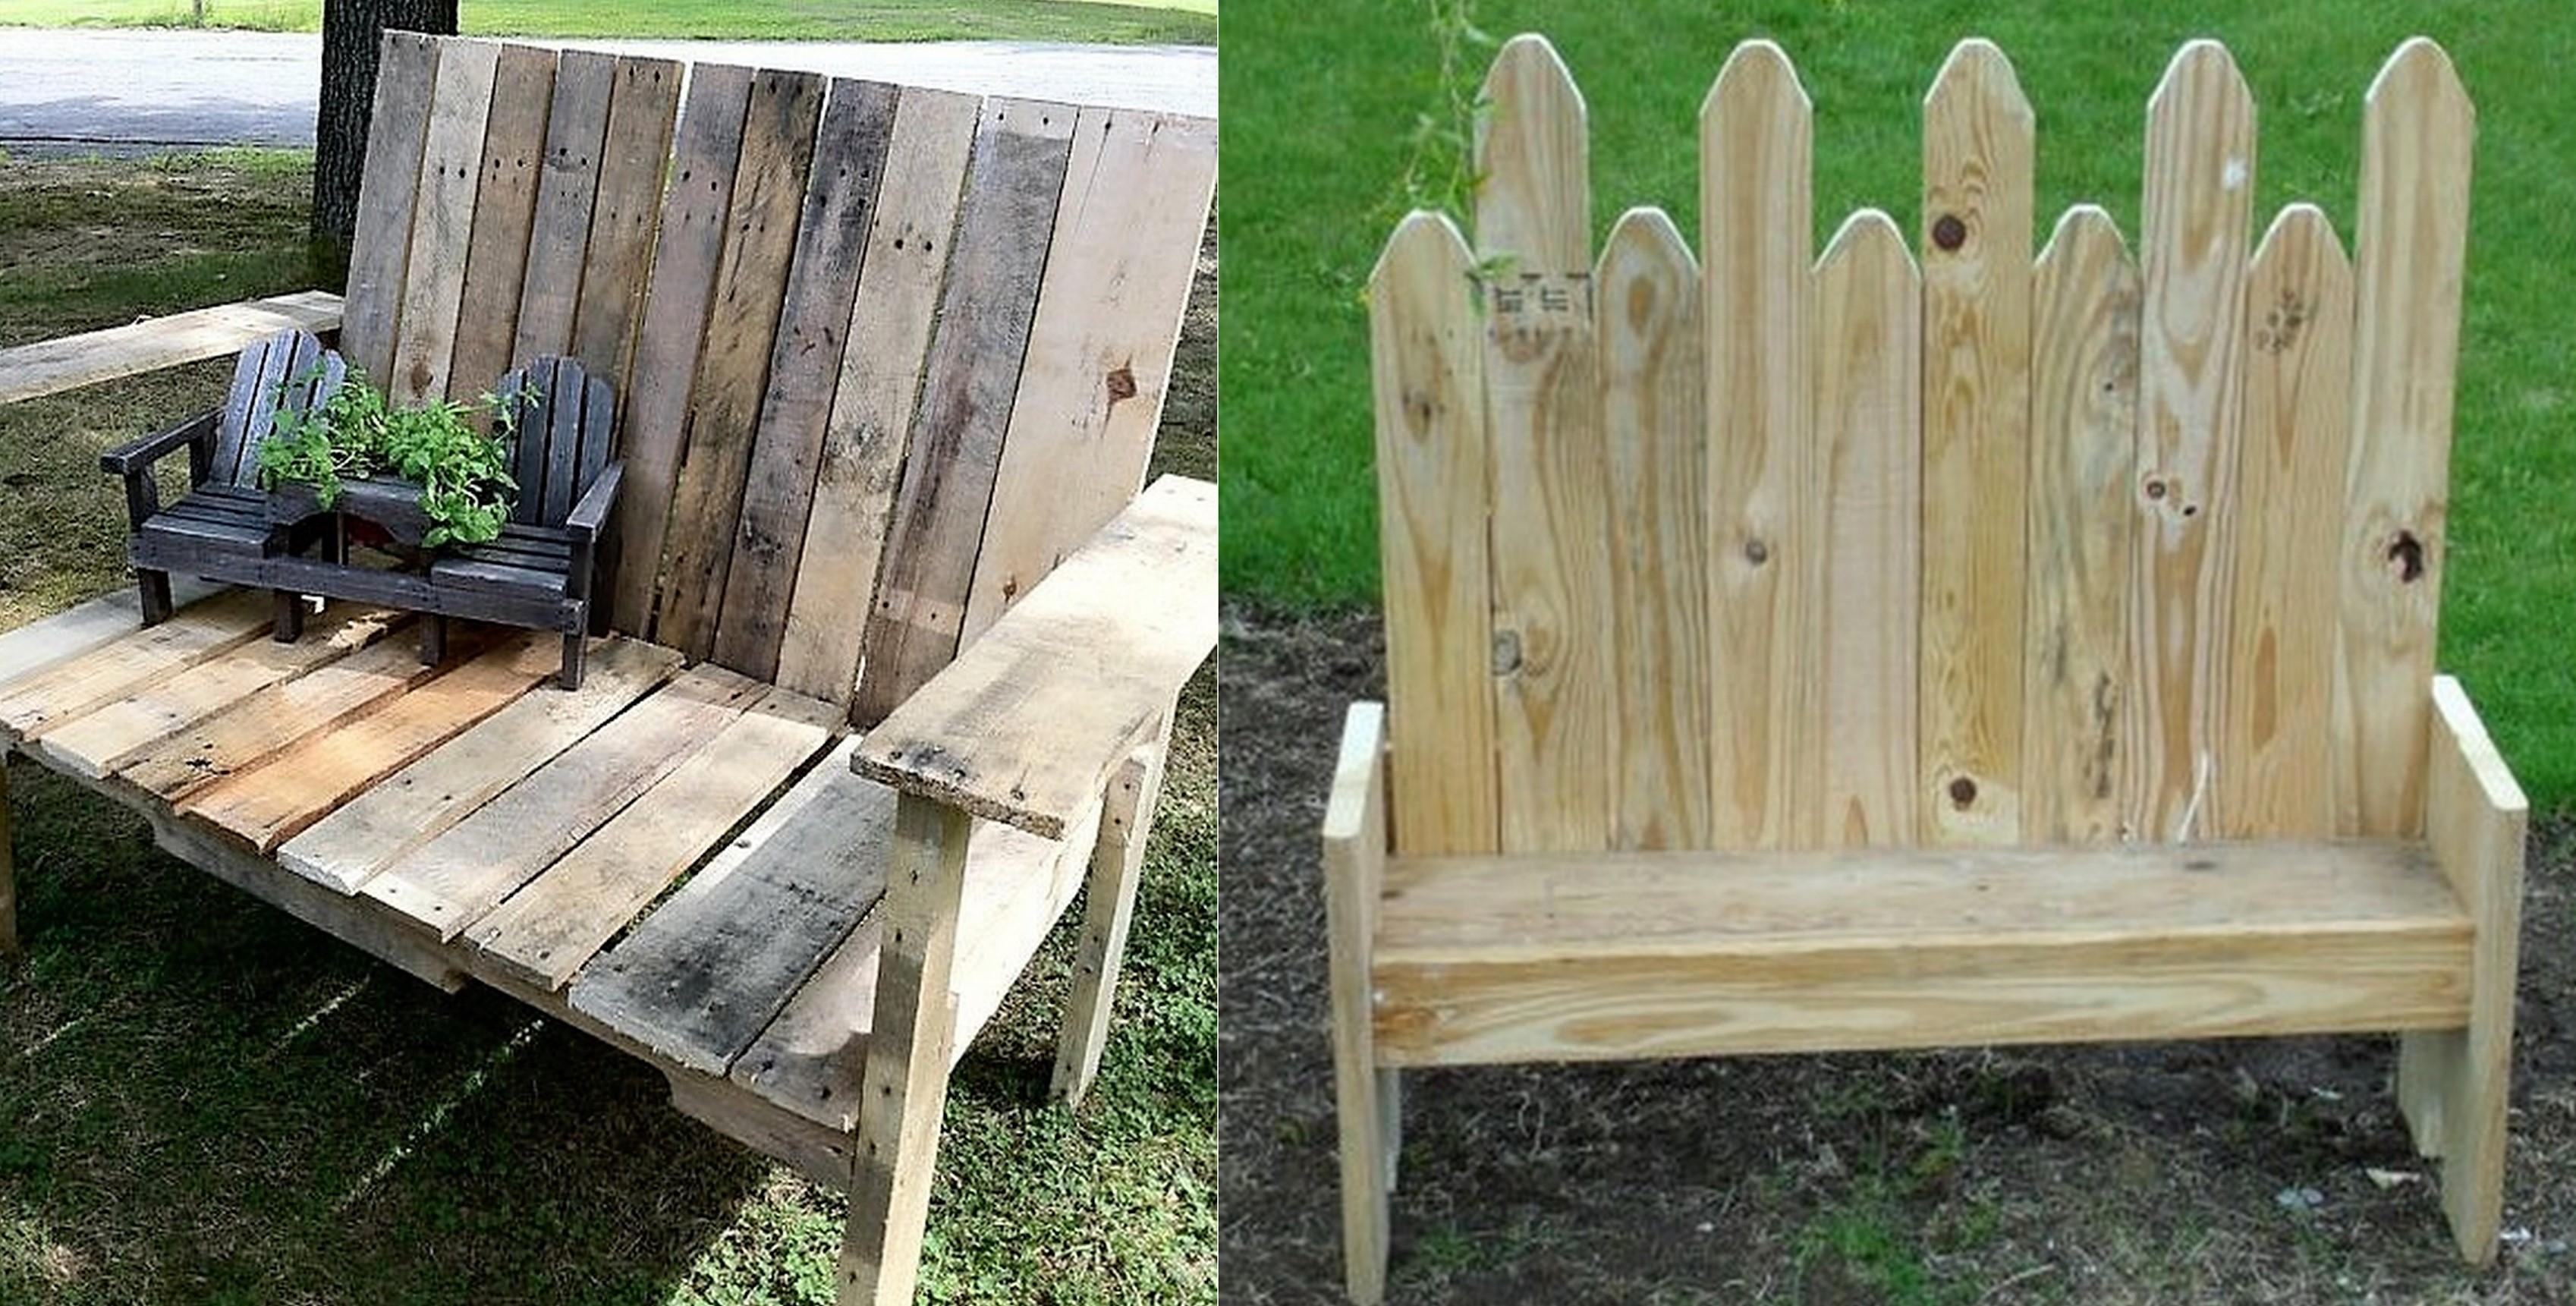 De jolis bancs en bois, faits maison pour le jardin !